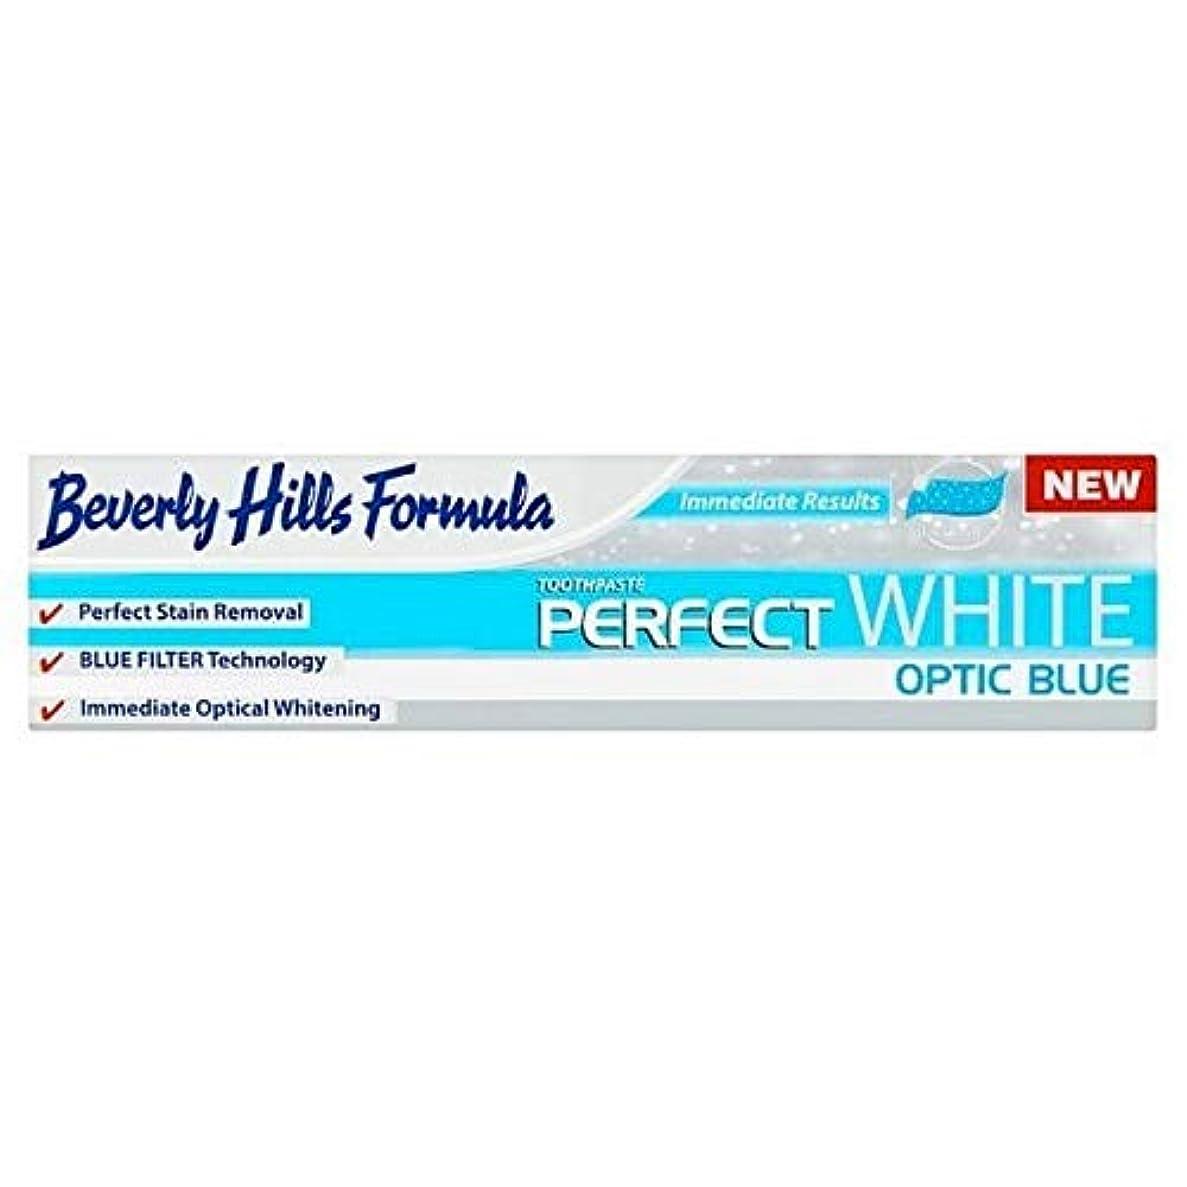 臭いローン生物学[Beverly Hills ] ビバリーヒルズ公式パーフェクトホワイト歯磨き粉の100ミリリットル - Beverly Hills Formula Perfect White toothpaste 100ml [並行輸入品]